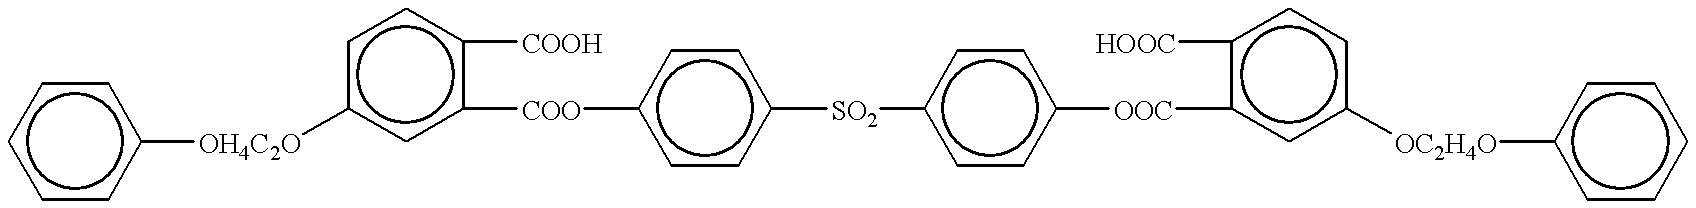 Figure US06180560-20010130-C00194